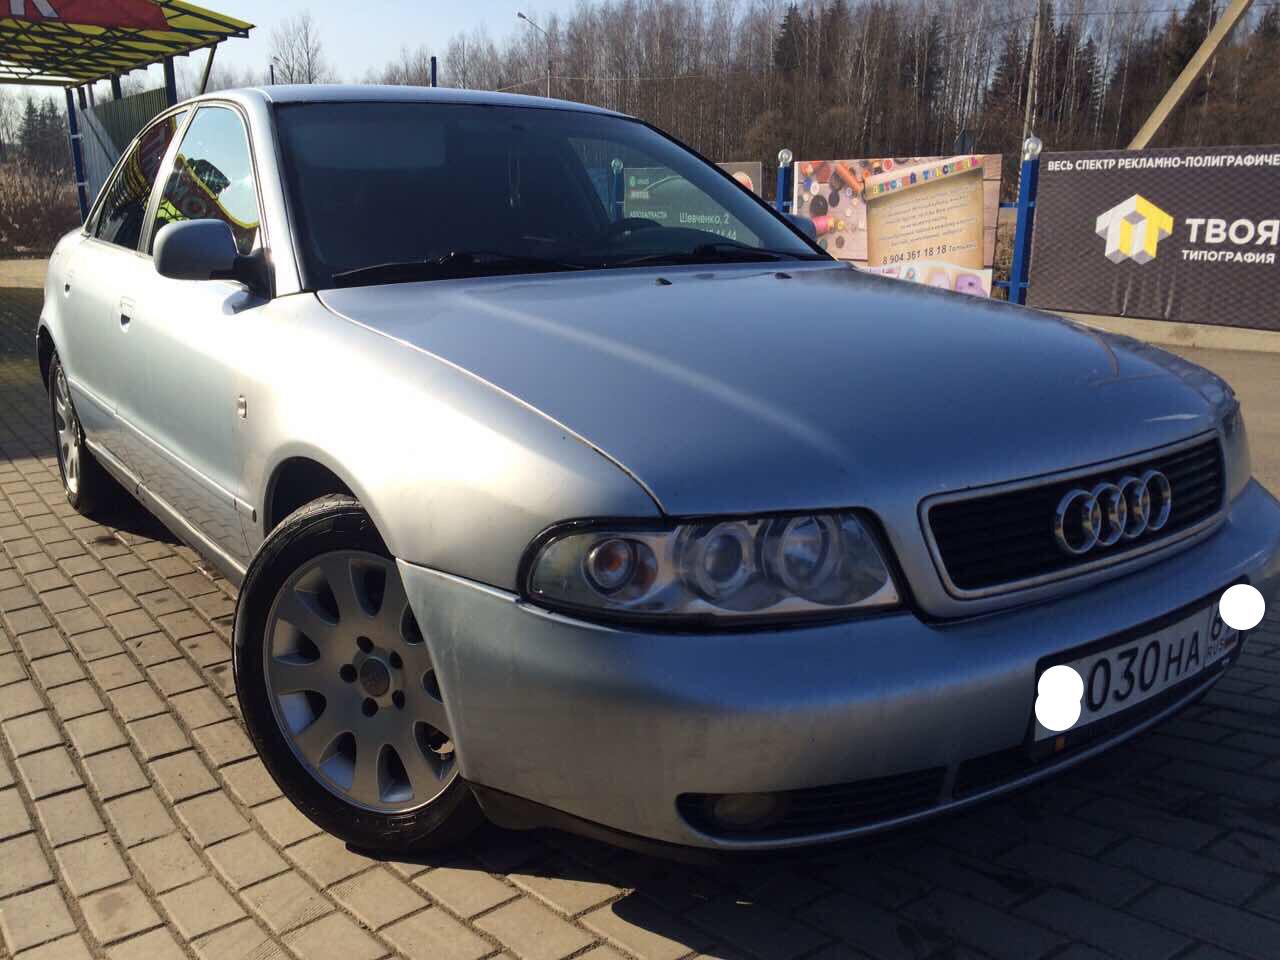 A4 1997 ADZ